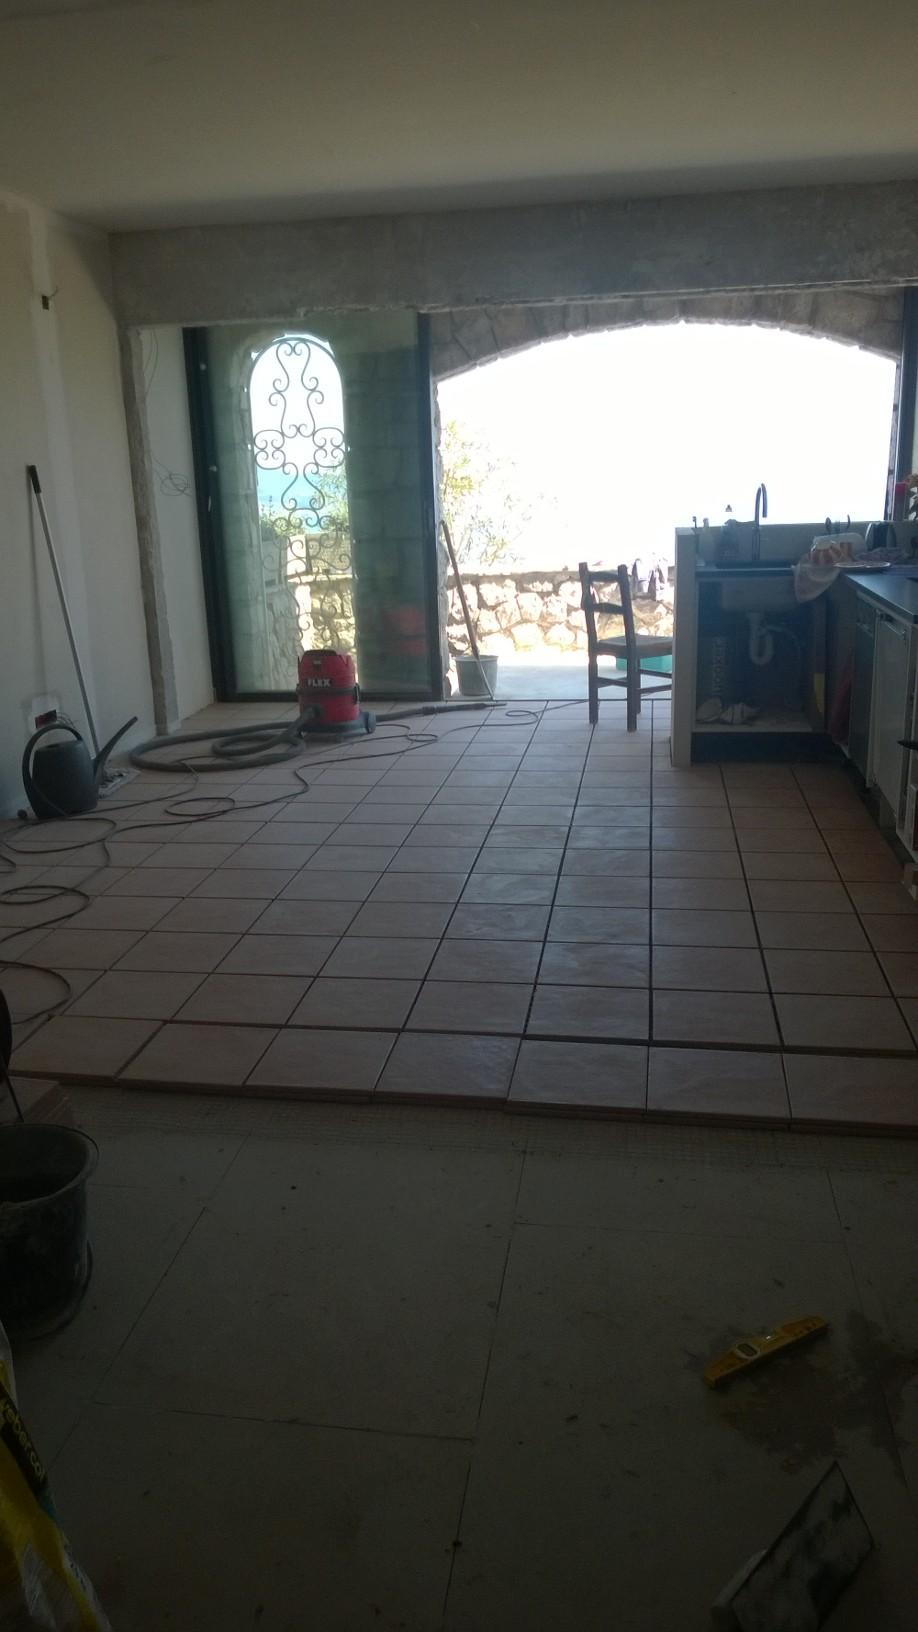 Pose carrelage après pose de fermacell sur le plancher chauffant rafraîchissant à 06320 La Turbie Nice